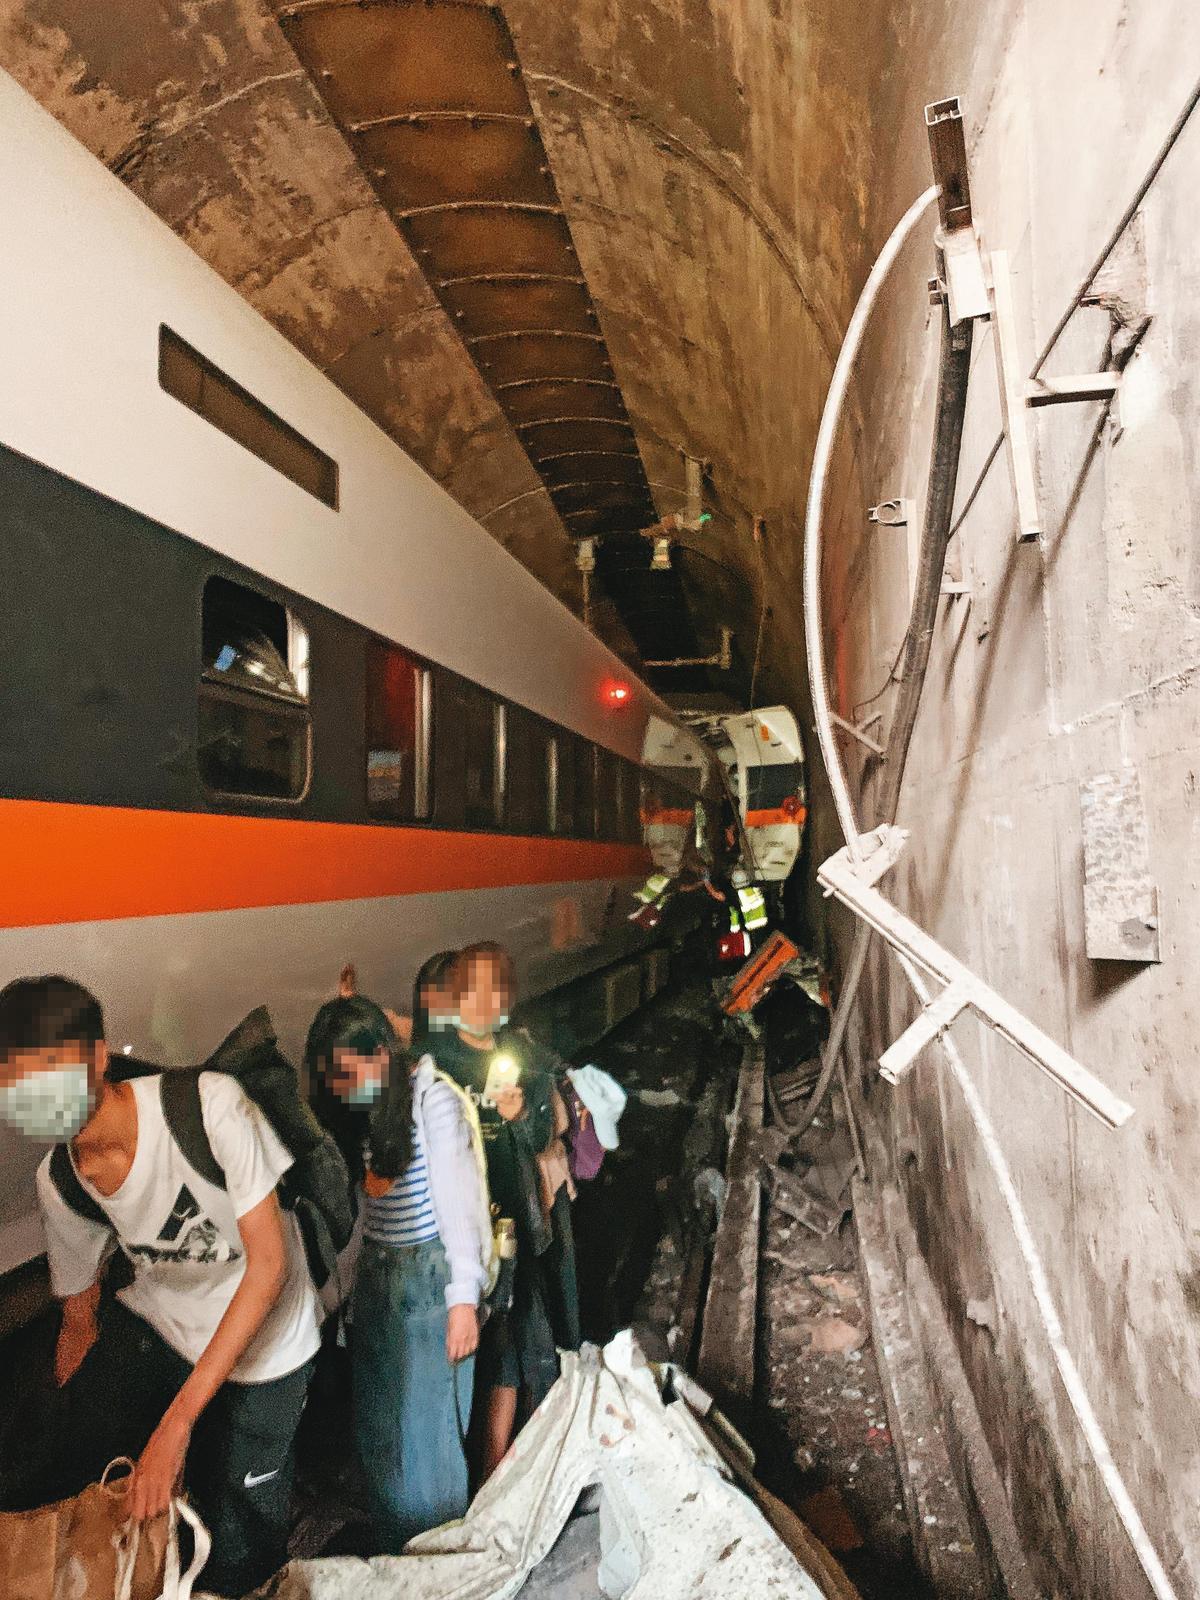 事故發生後,許多倖存的乘客沿著狹窄的隧道往外逃生。(讀者提供)